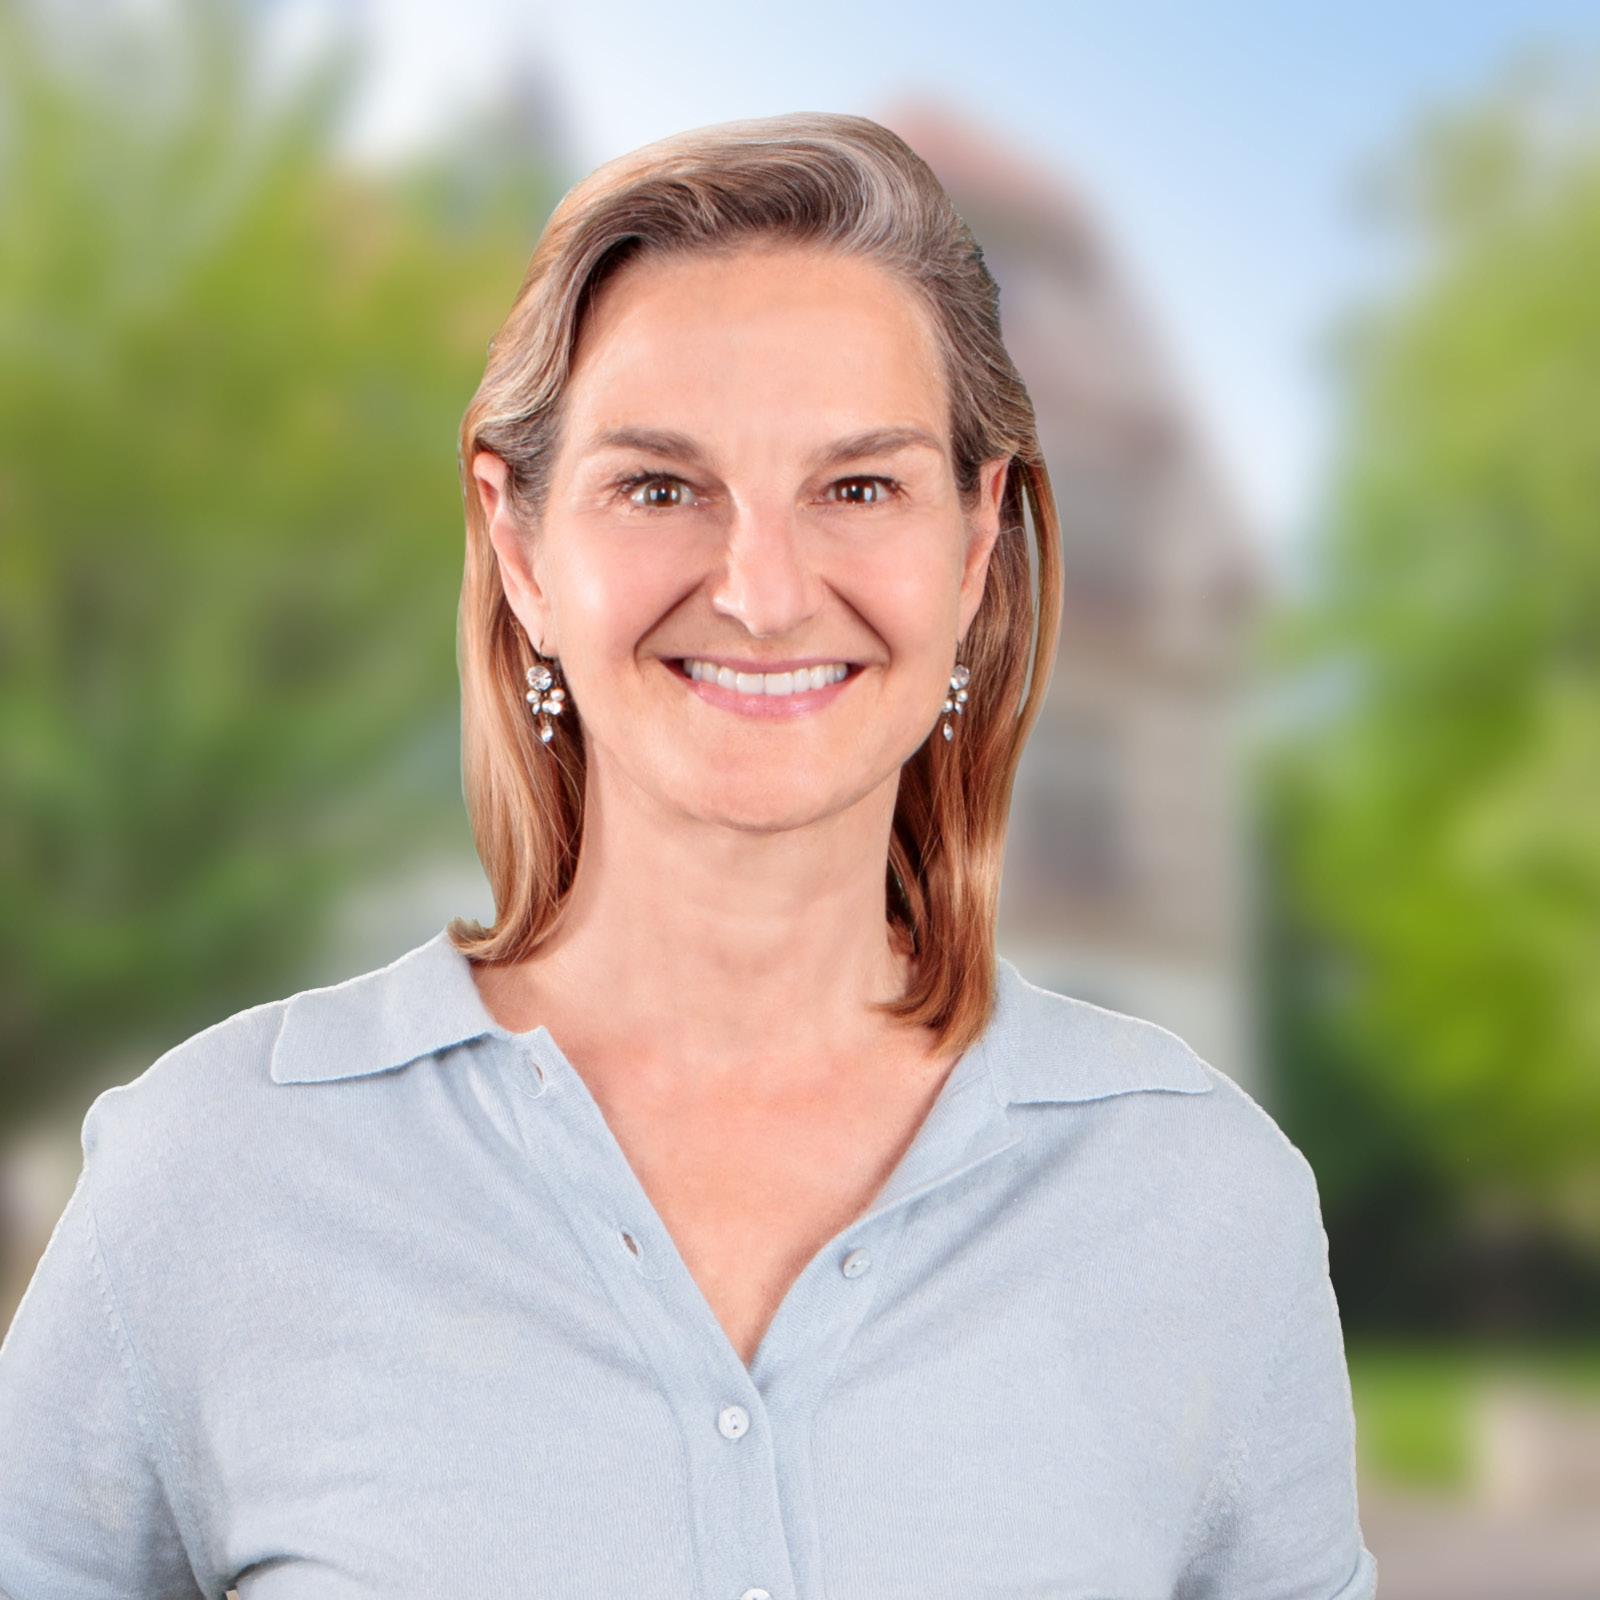 Abbildung von Dr. Patricia Peill